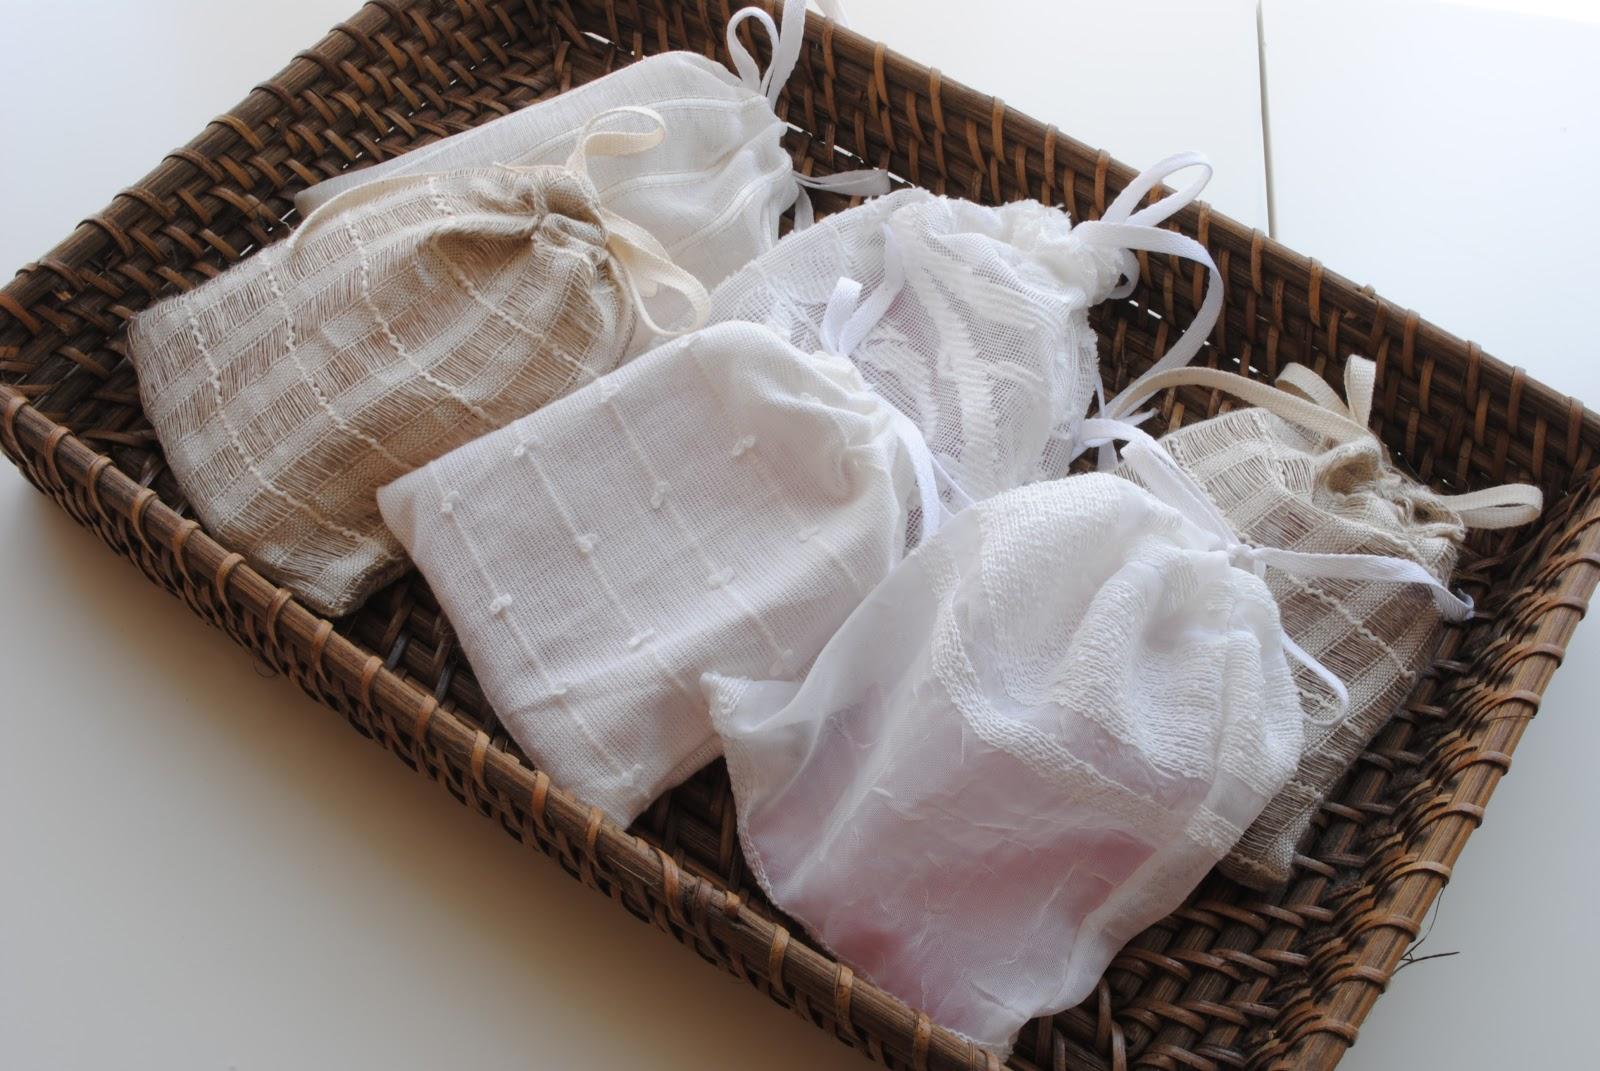 Paz montealegre decoraci n toallas cortinas de ba o - Toallas bano ...